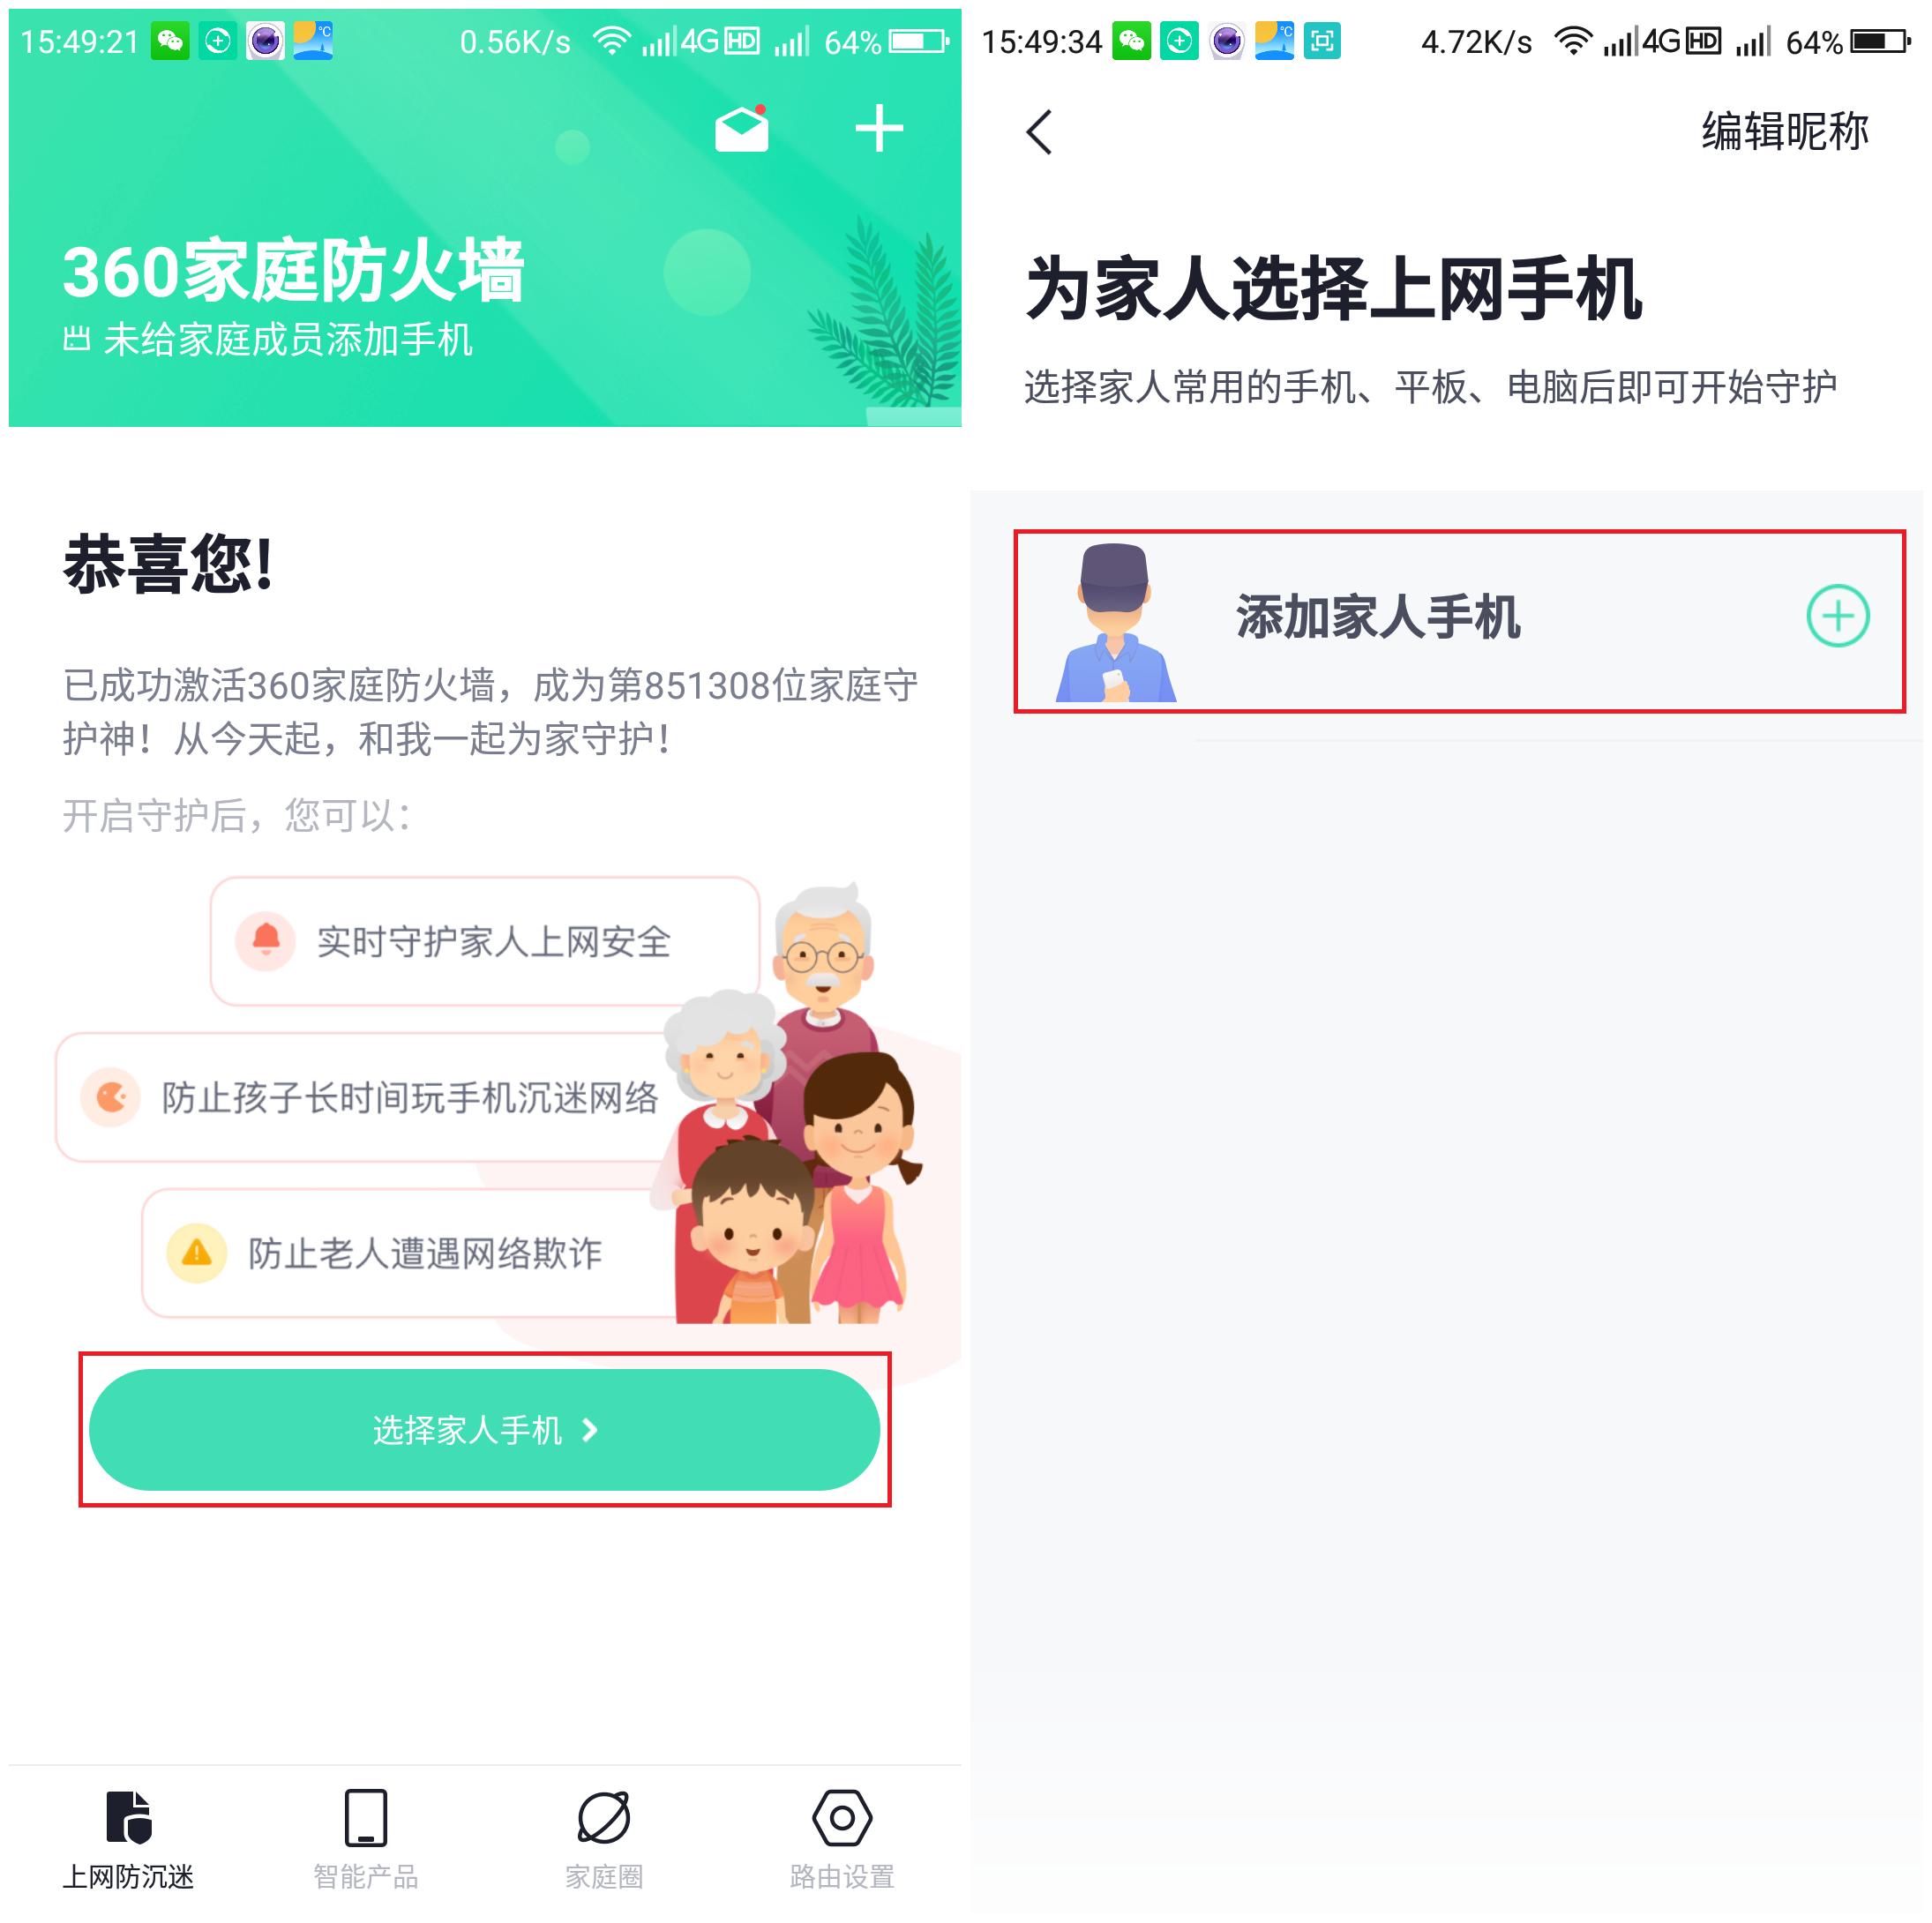 大发时时彩网站